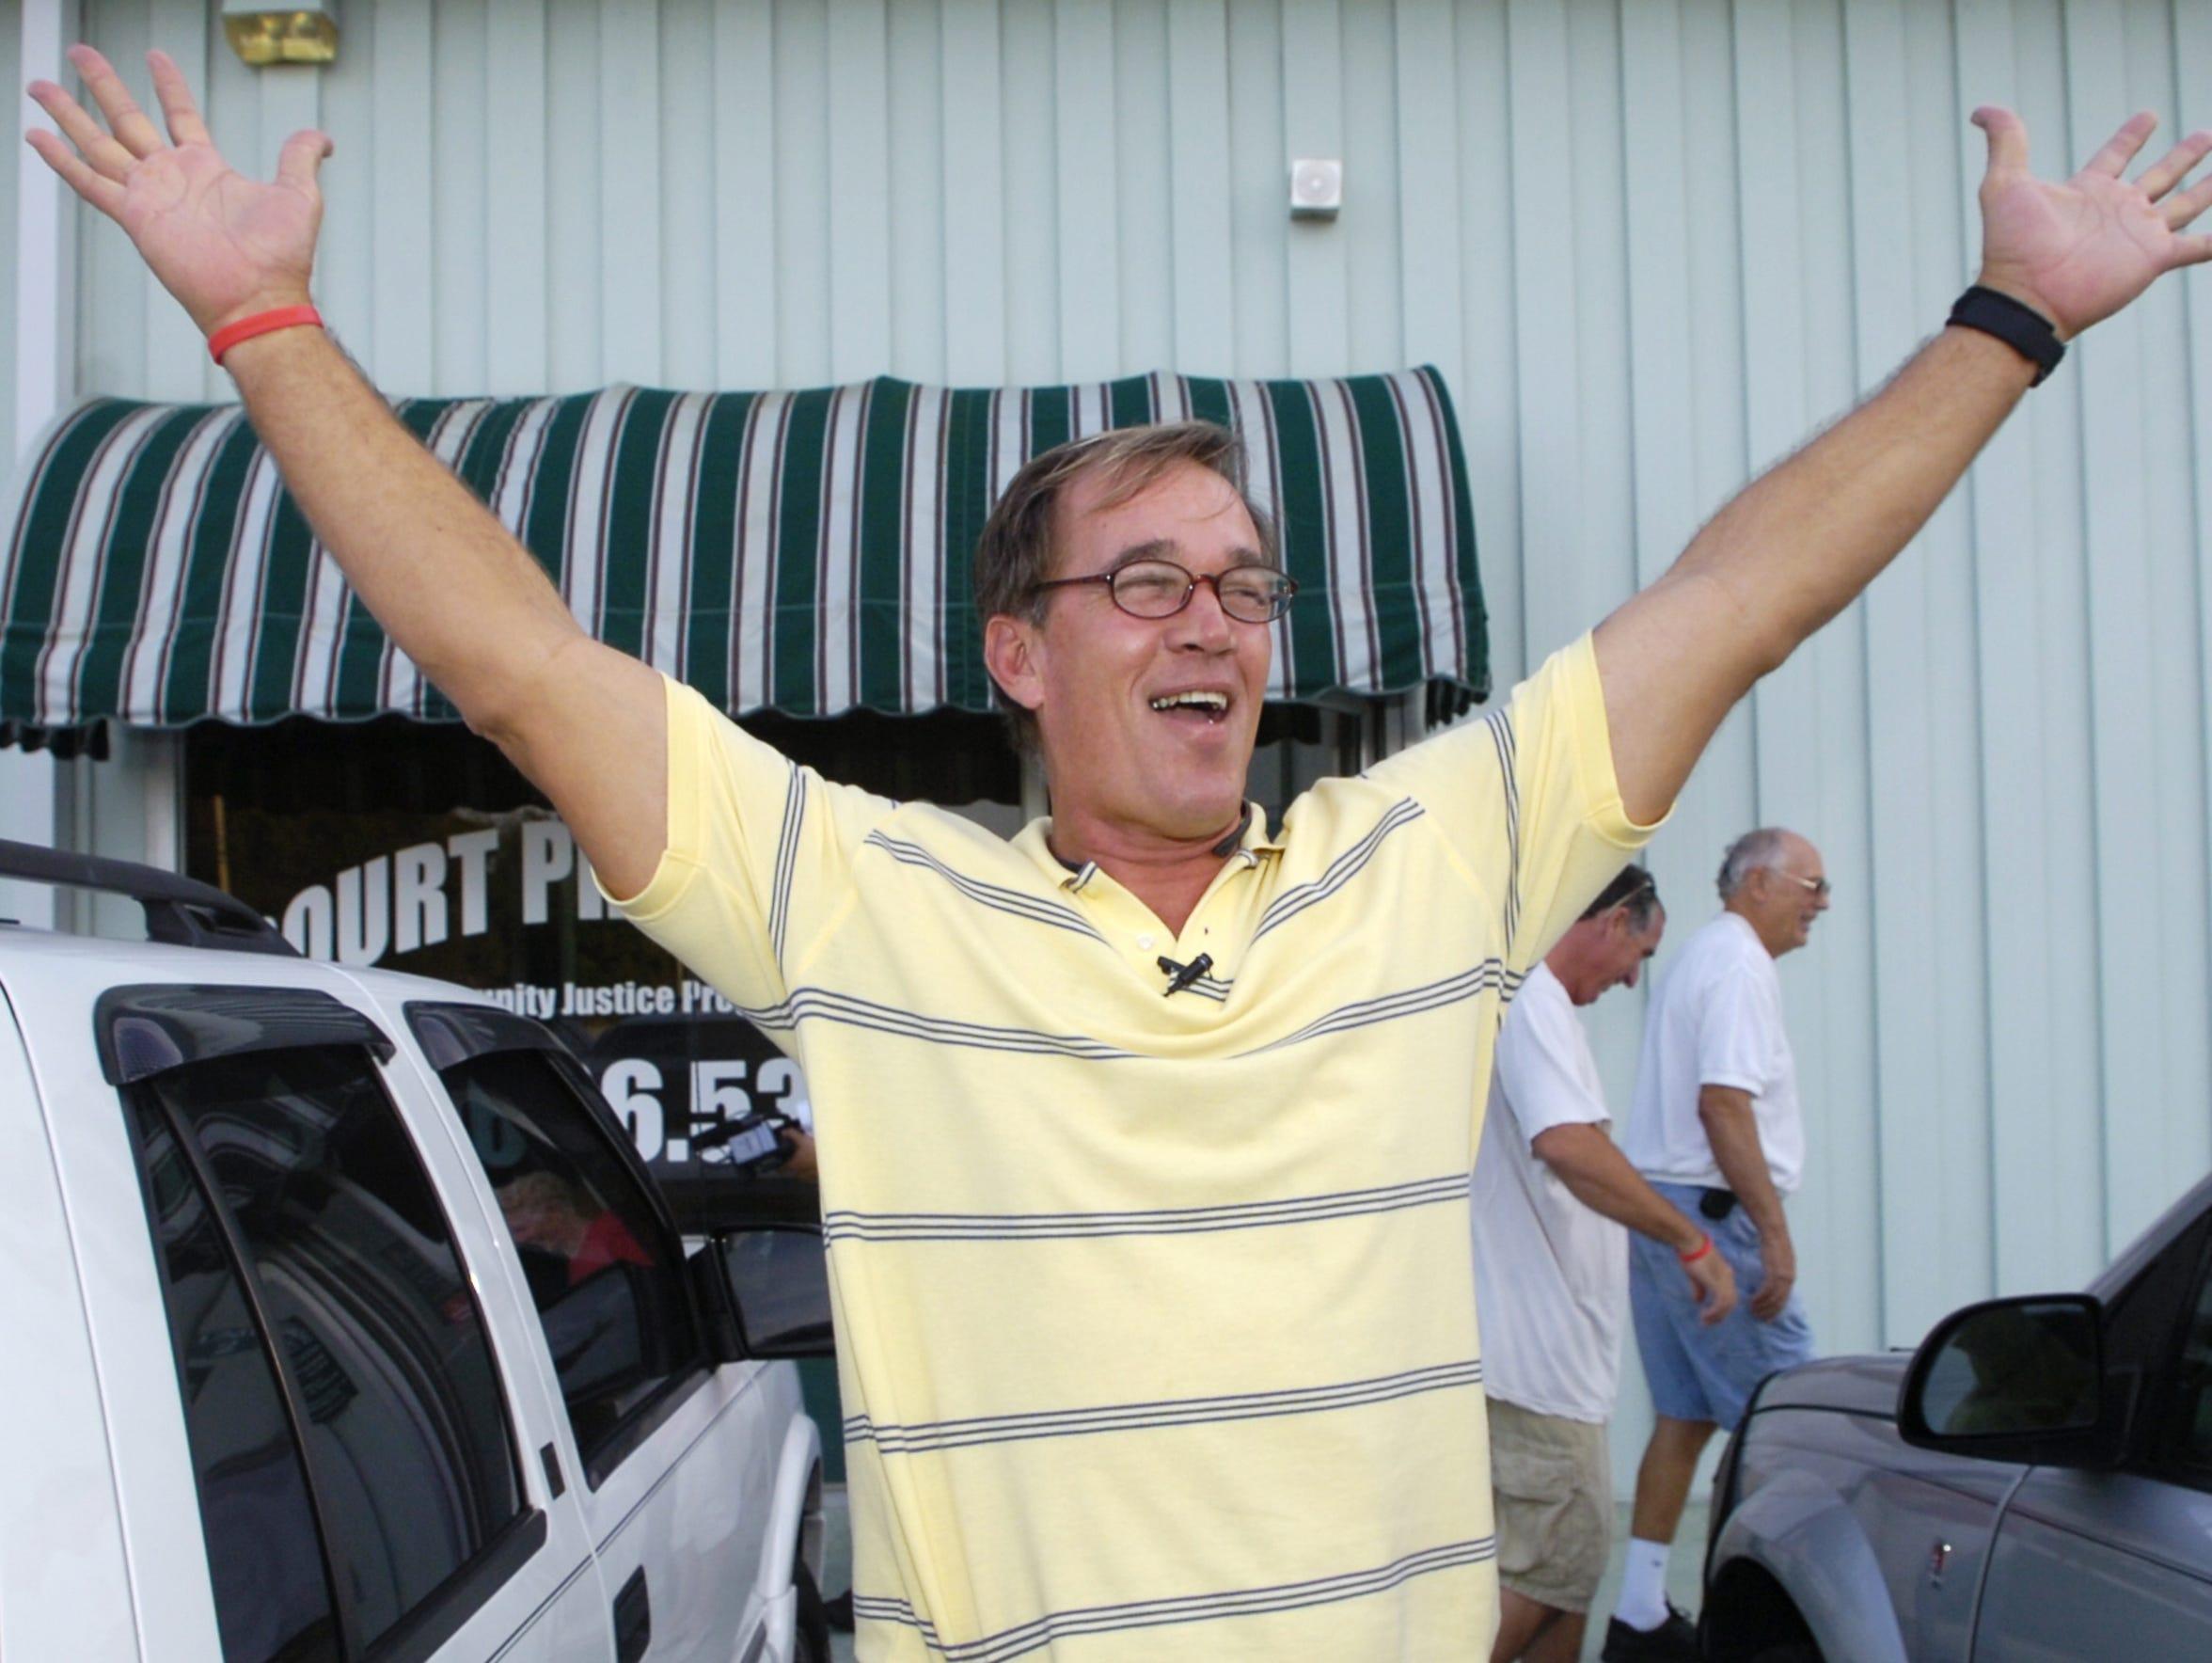 Craig Bailey / FLORIDA TODAY William Dillon throws